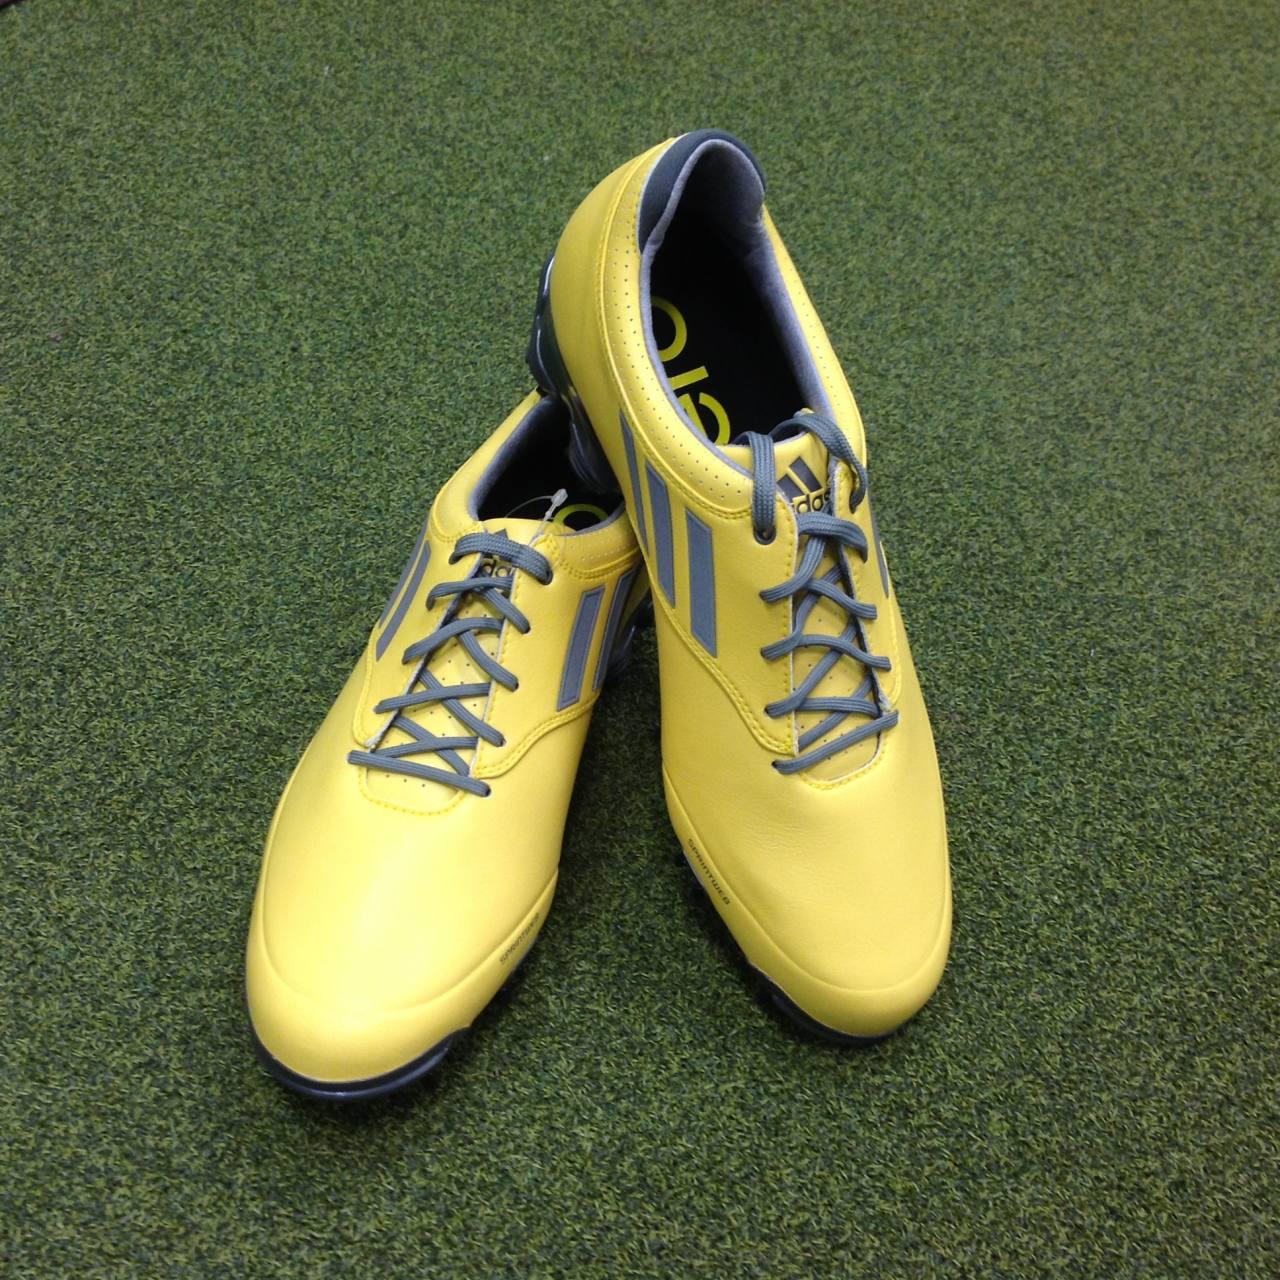 c7a55d4ab67245 NEW Adidas Adizero Tour Golf Shoes - UK Size 8.5 - US 9 - EU 42 2 3 ...